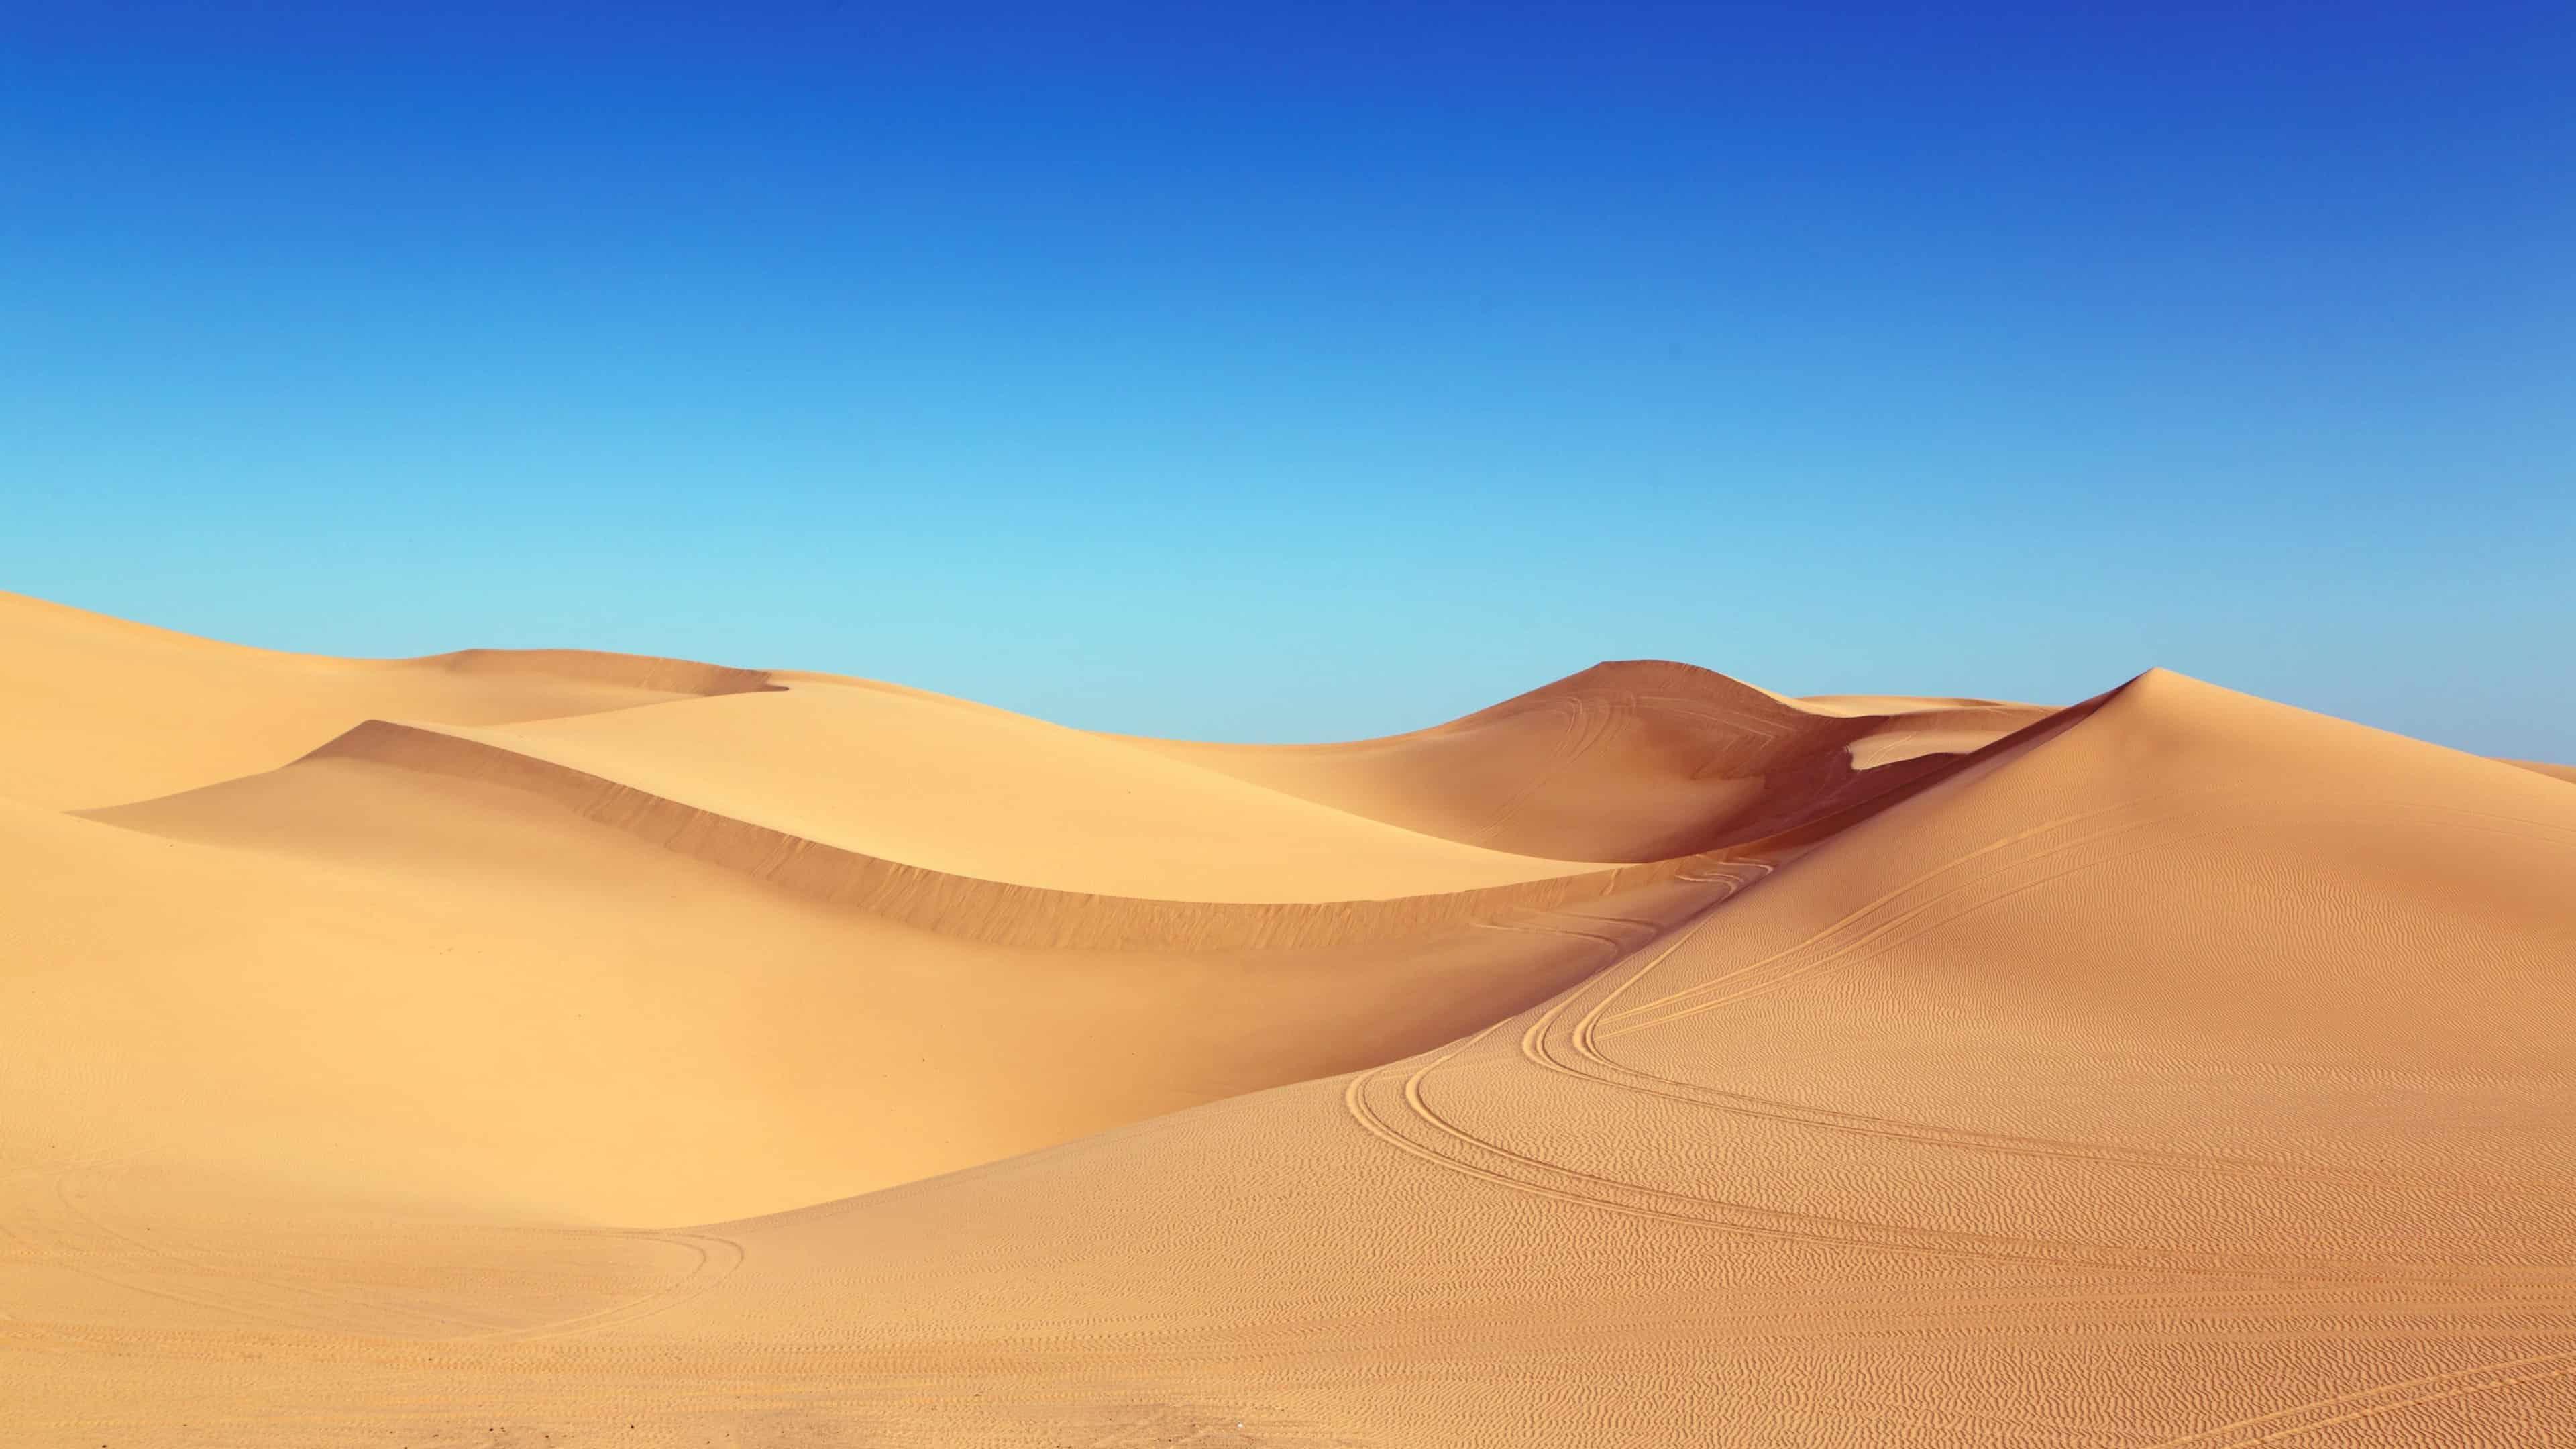 blue sky and desert dunes uhd 4k wallpaper